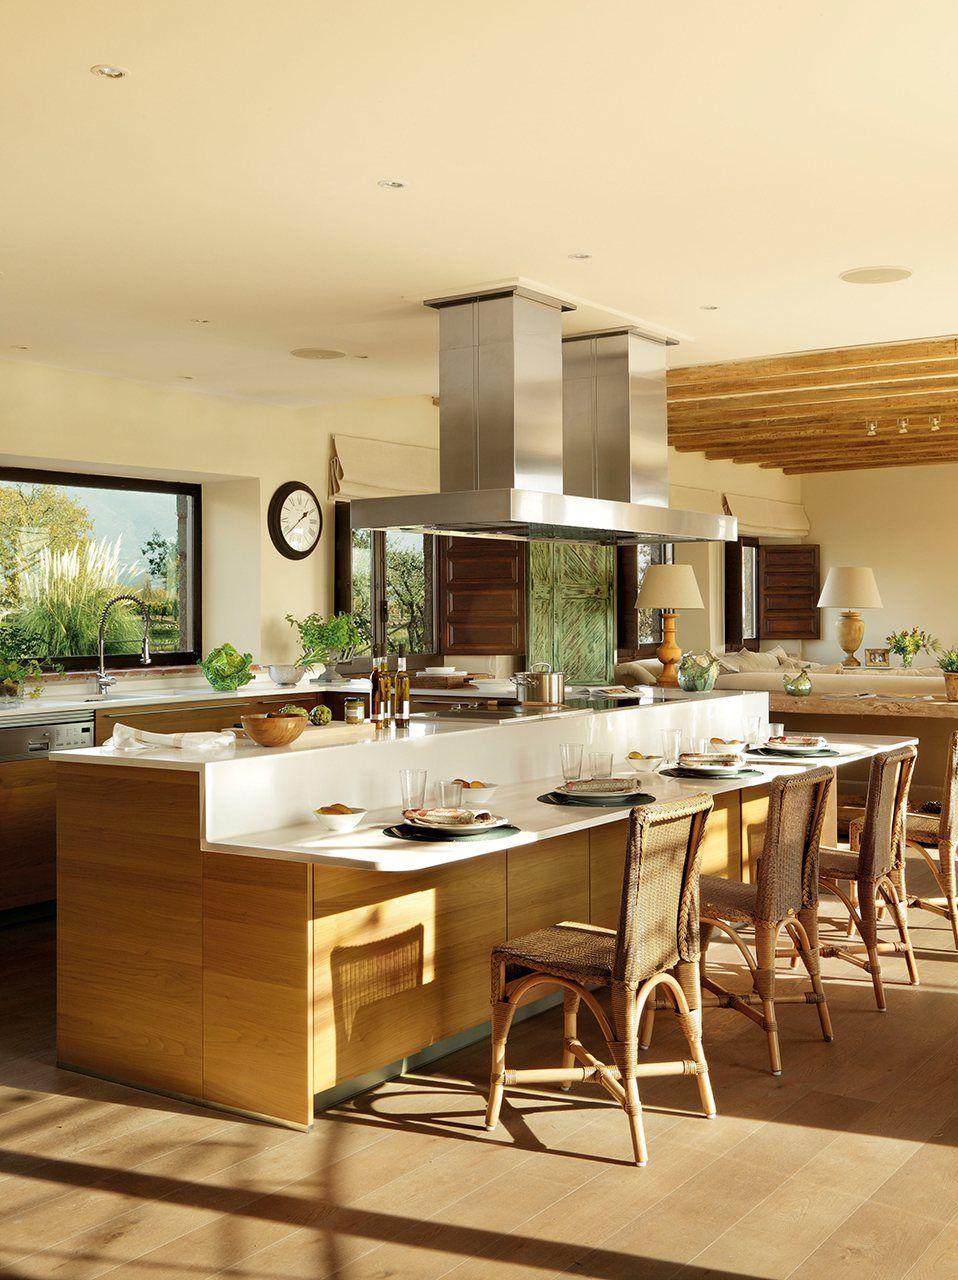 La isla centro de la cocina la cocina es un espacio for Isla cocina comedor